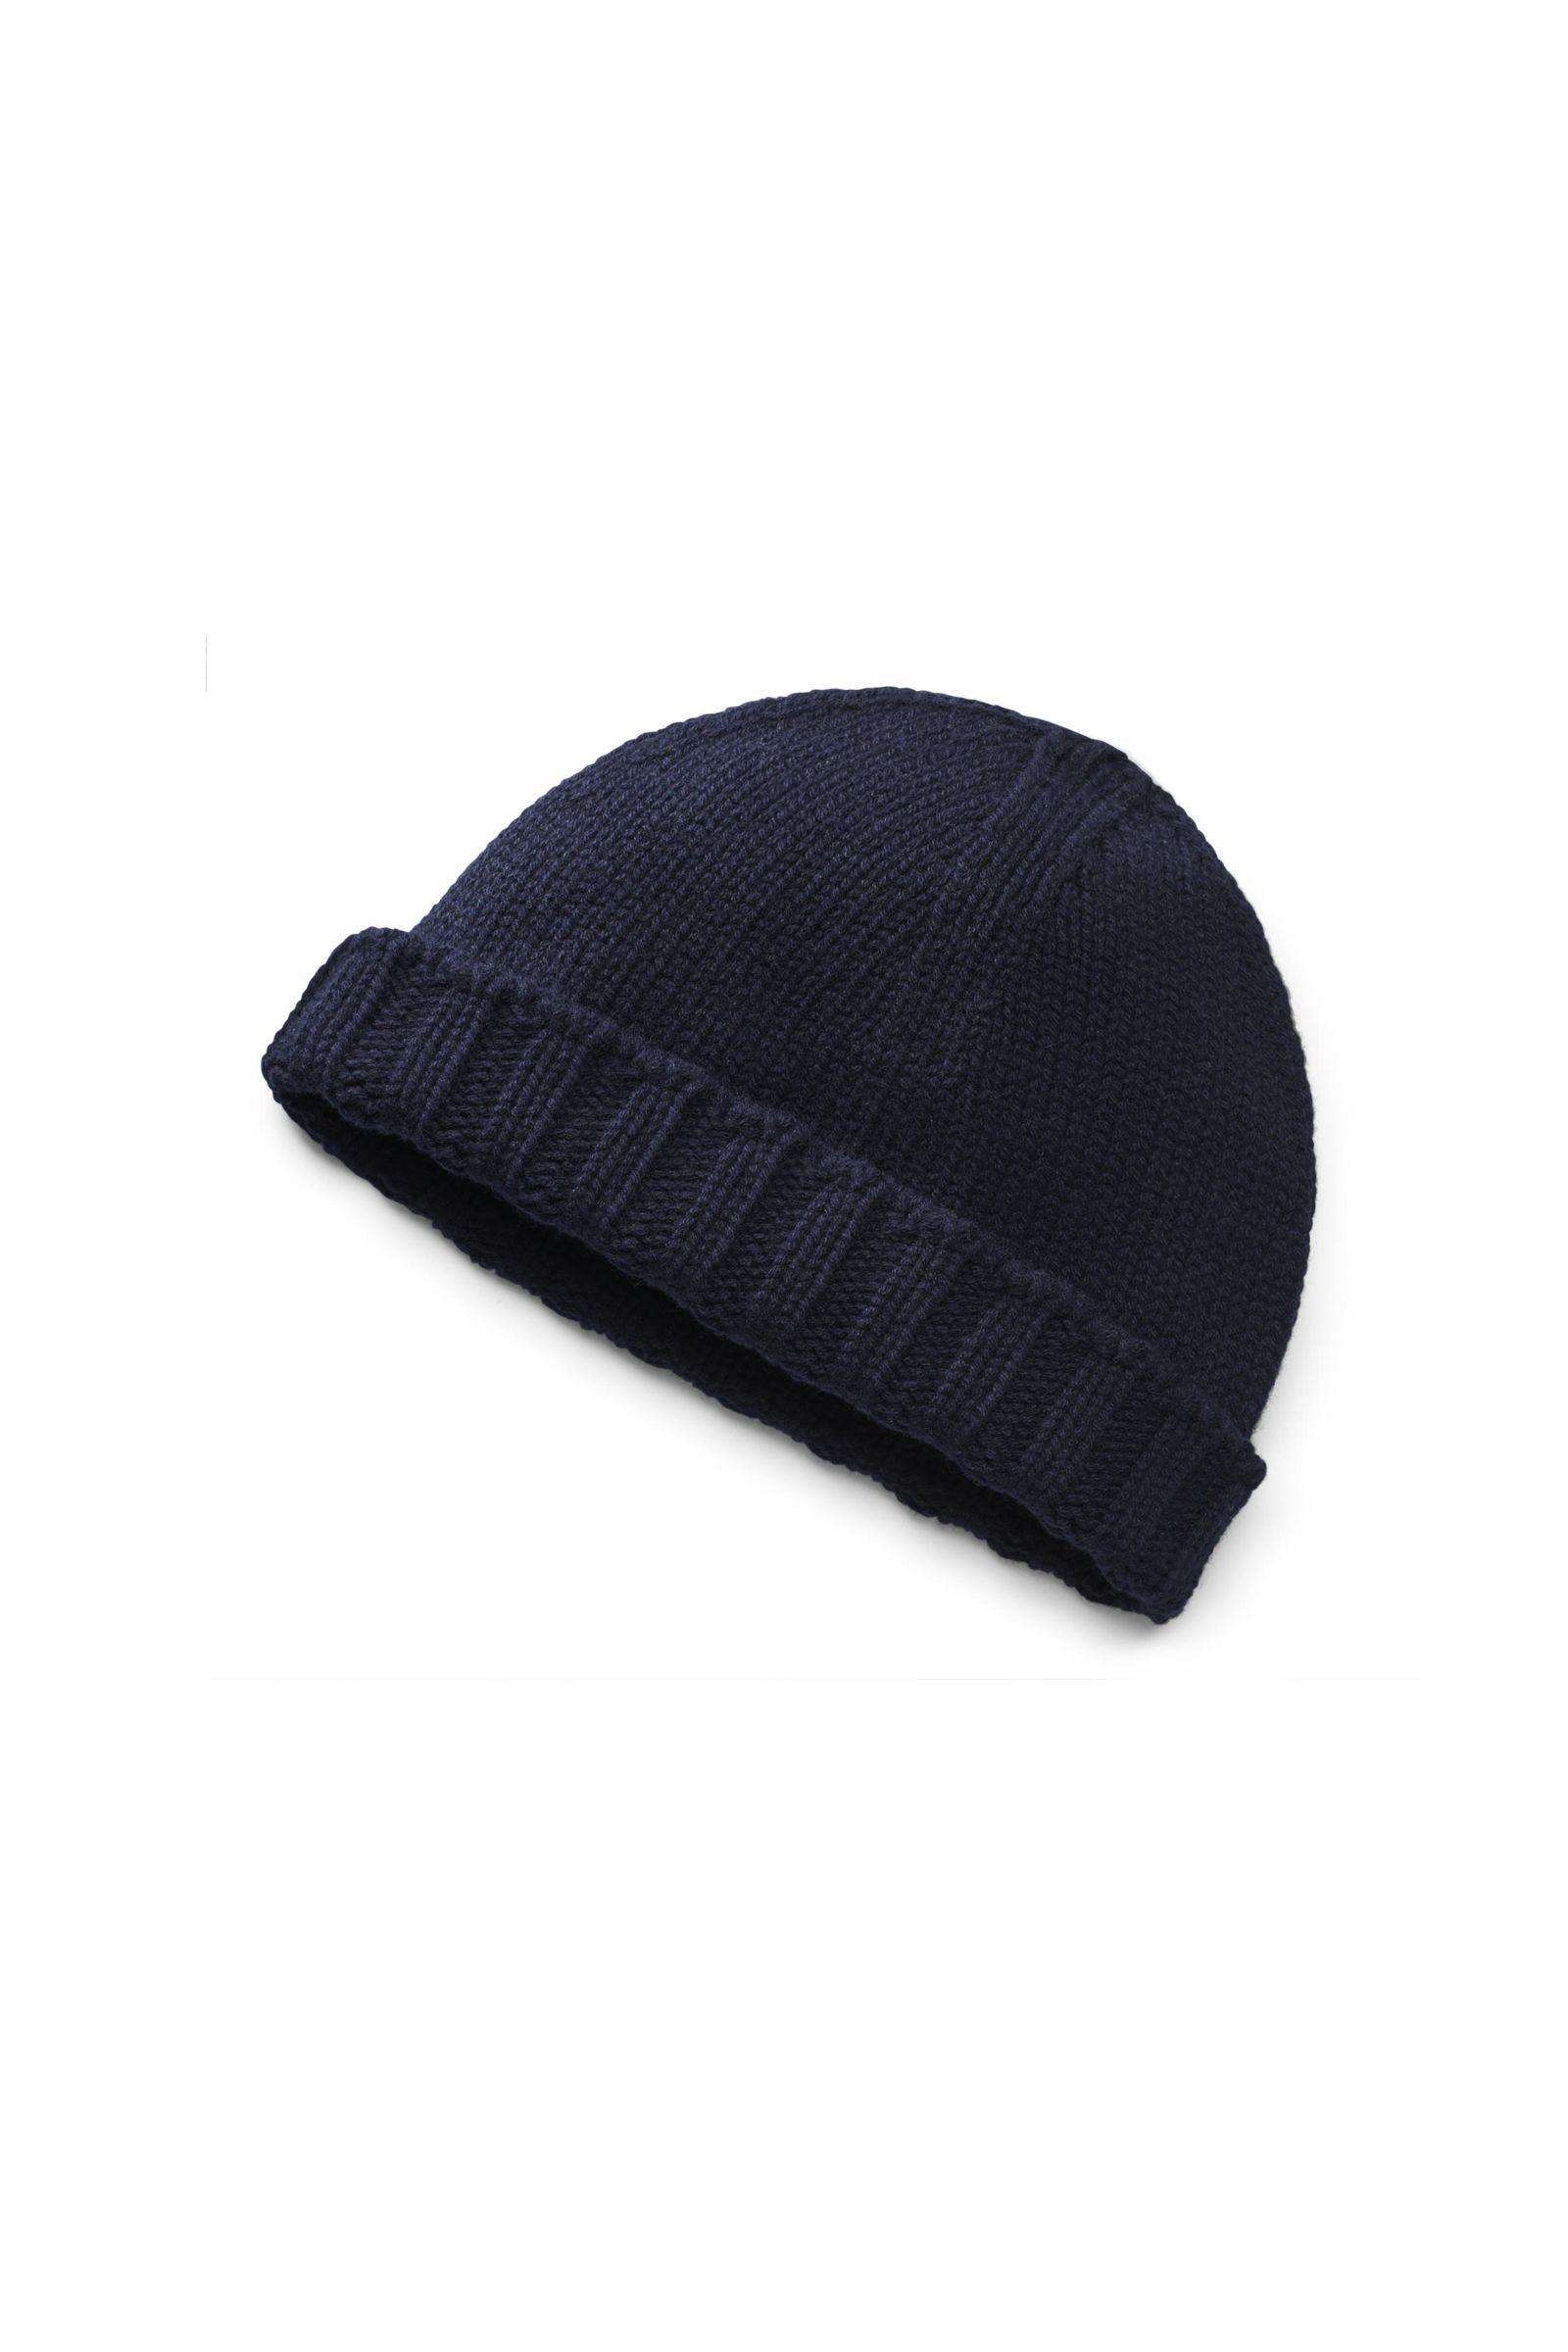 Cashmere Mütze navy